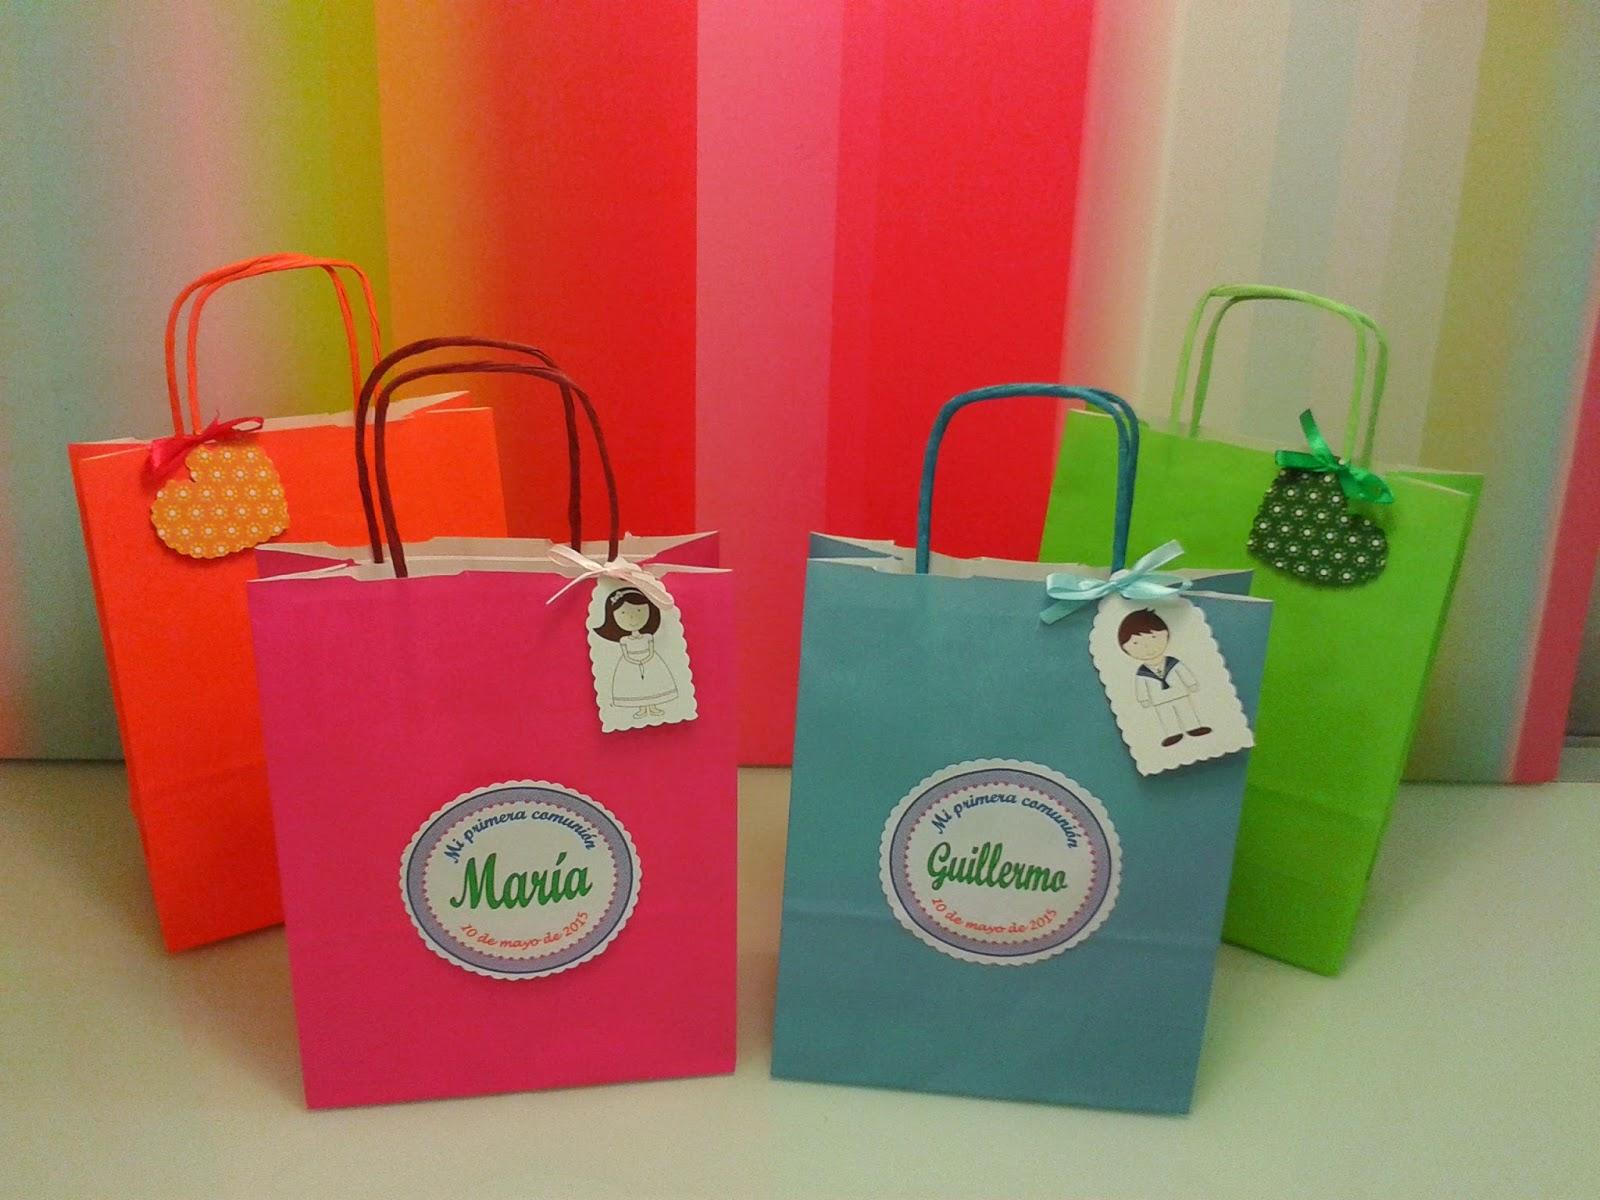 Chuchedetalles pamplona bolsas de papel personalizadas - Bolsas de regalo personalizadas ...